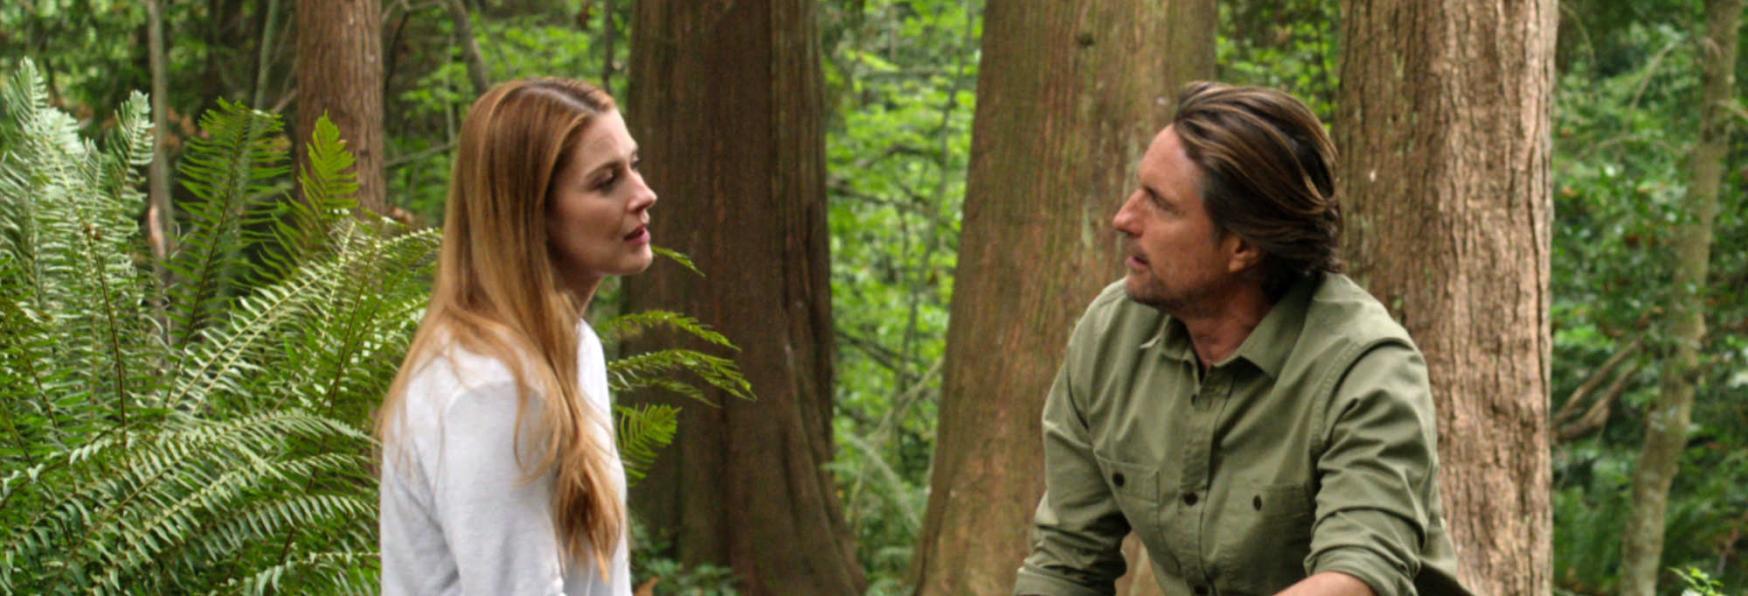 Virgin River 3: Trama, Cast, Trailer e Data di Uscita della nuova Stagione in uscita su Netflix